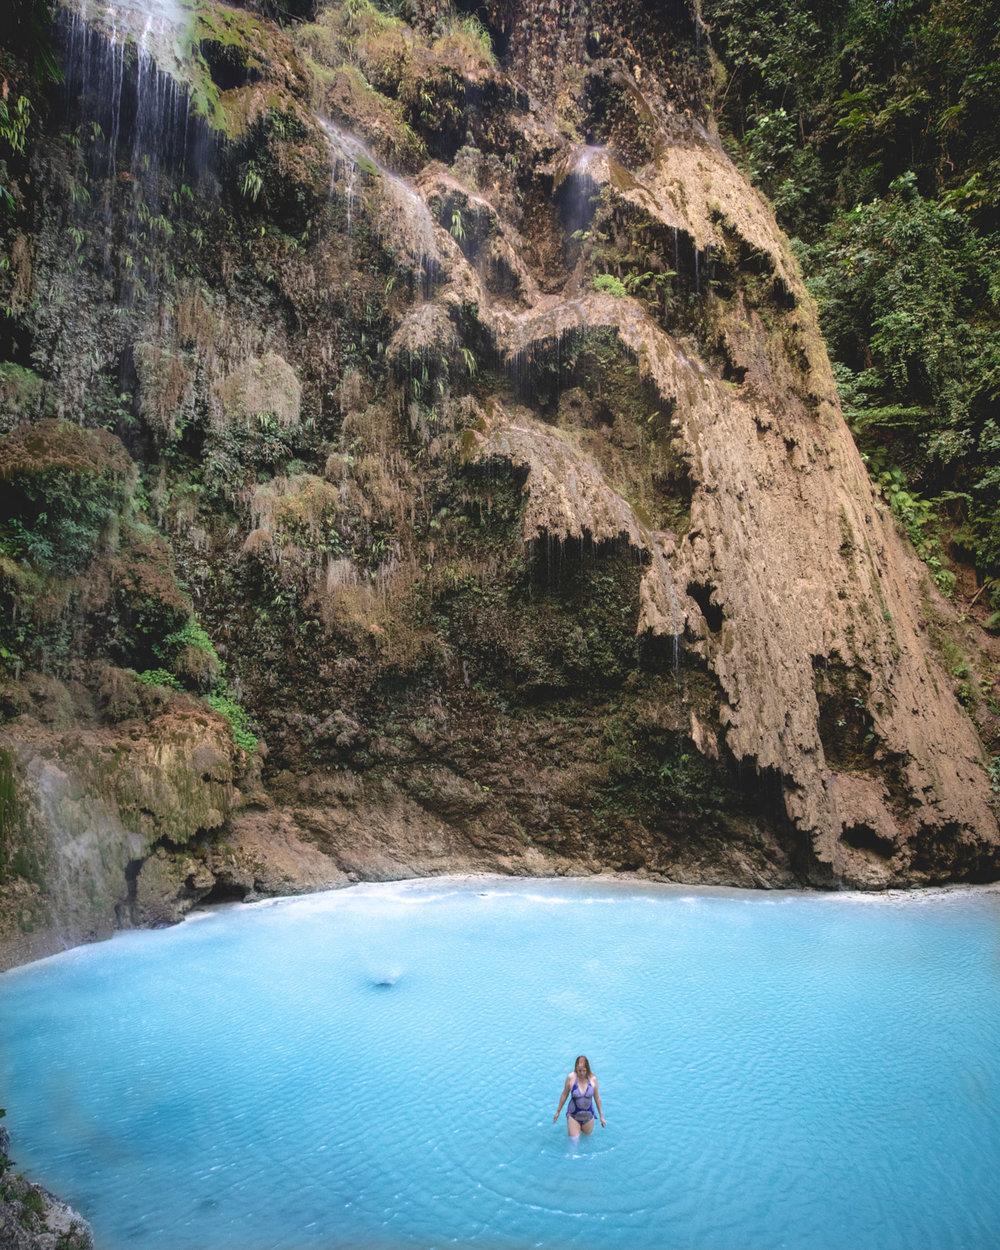 Tumalog Falls - An epic waterfall in Cebu